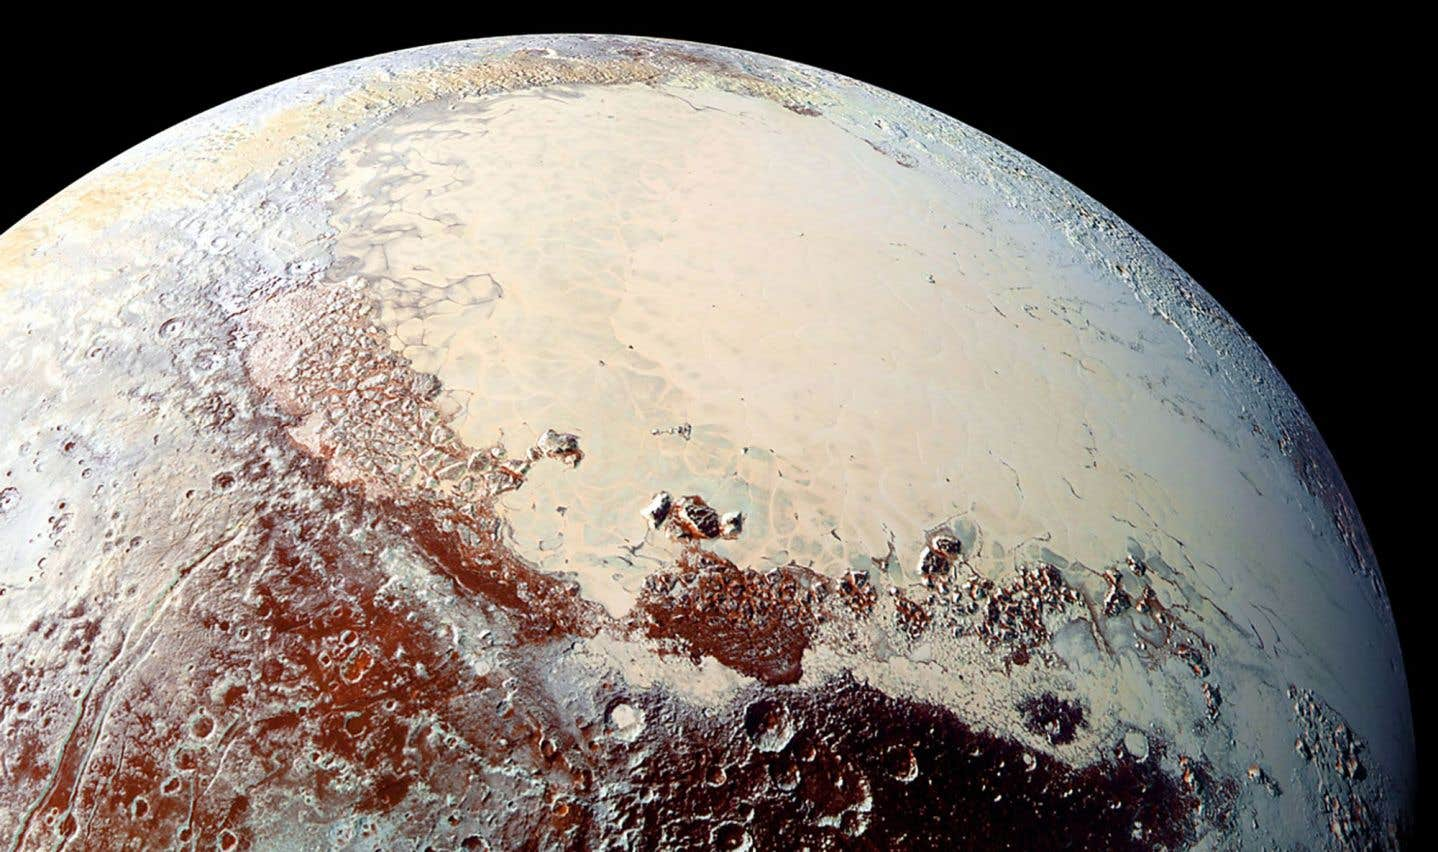 Image de Pluton captée par la sonde spatiale